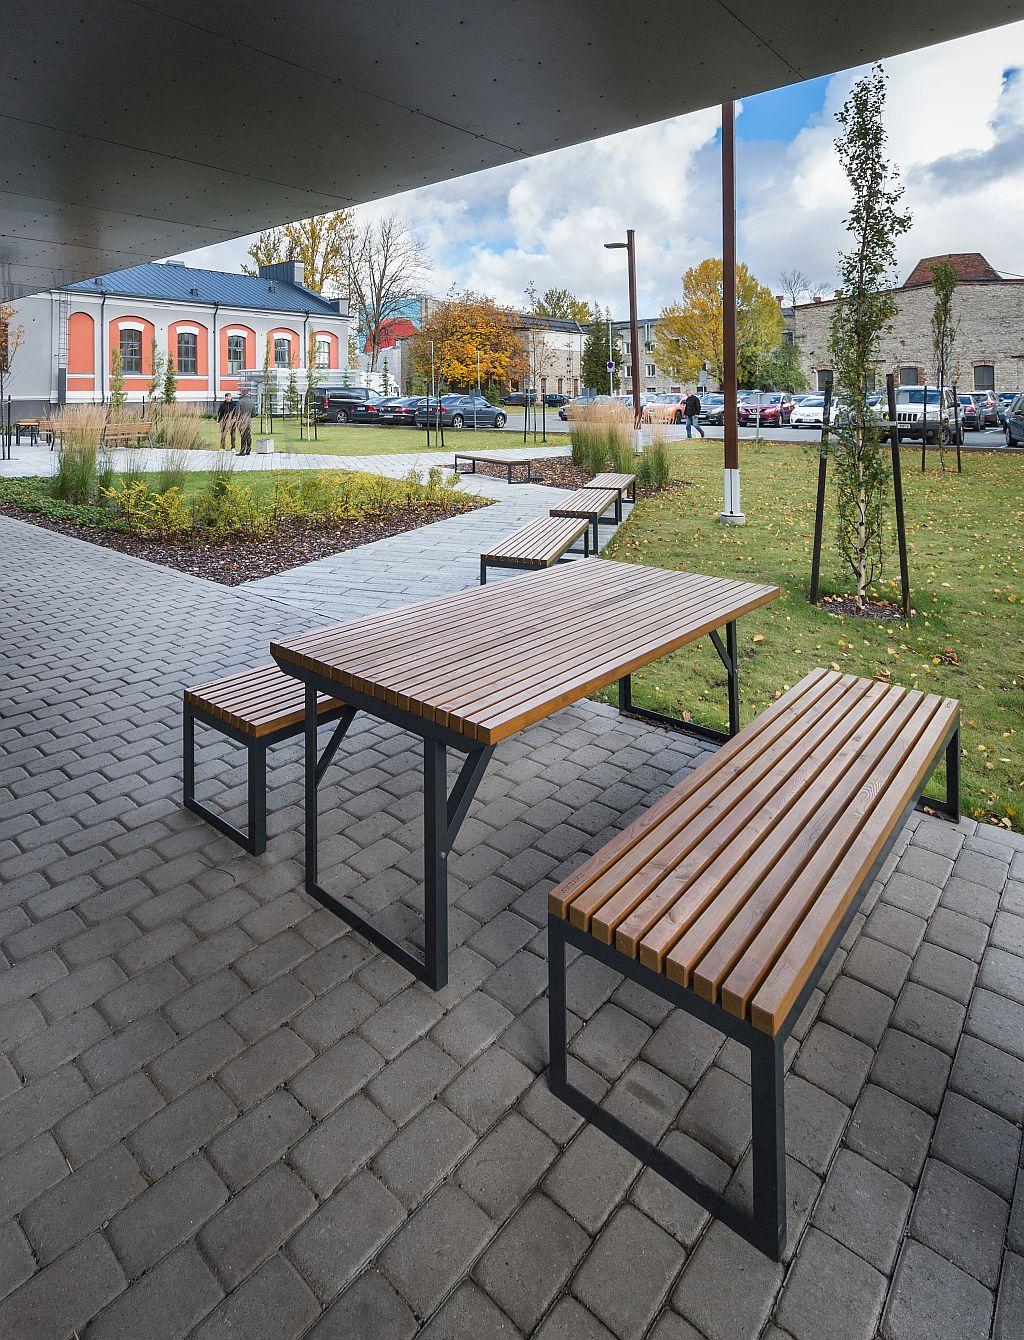 La fotografia mostra un set da picnic, con panchine e tavolo club, posto all'esterno di un esercizio di ristorazione.